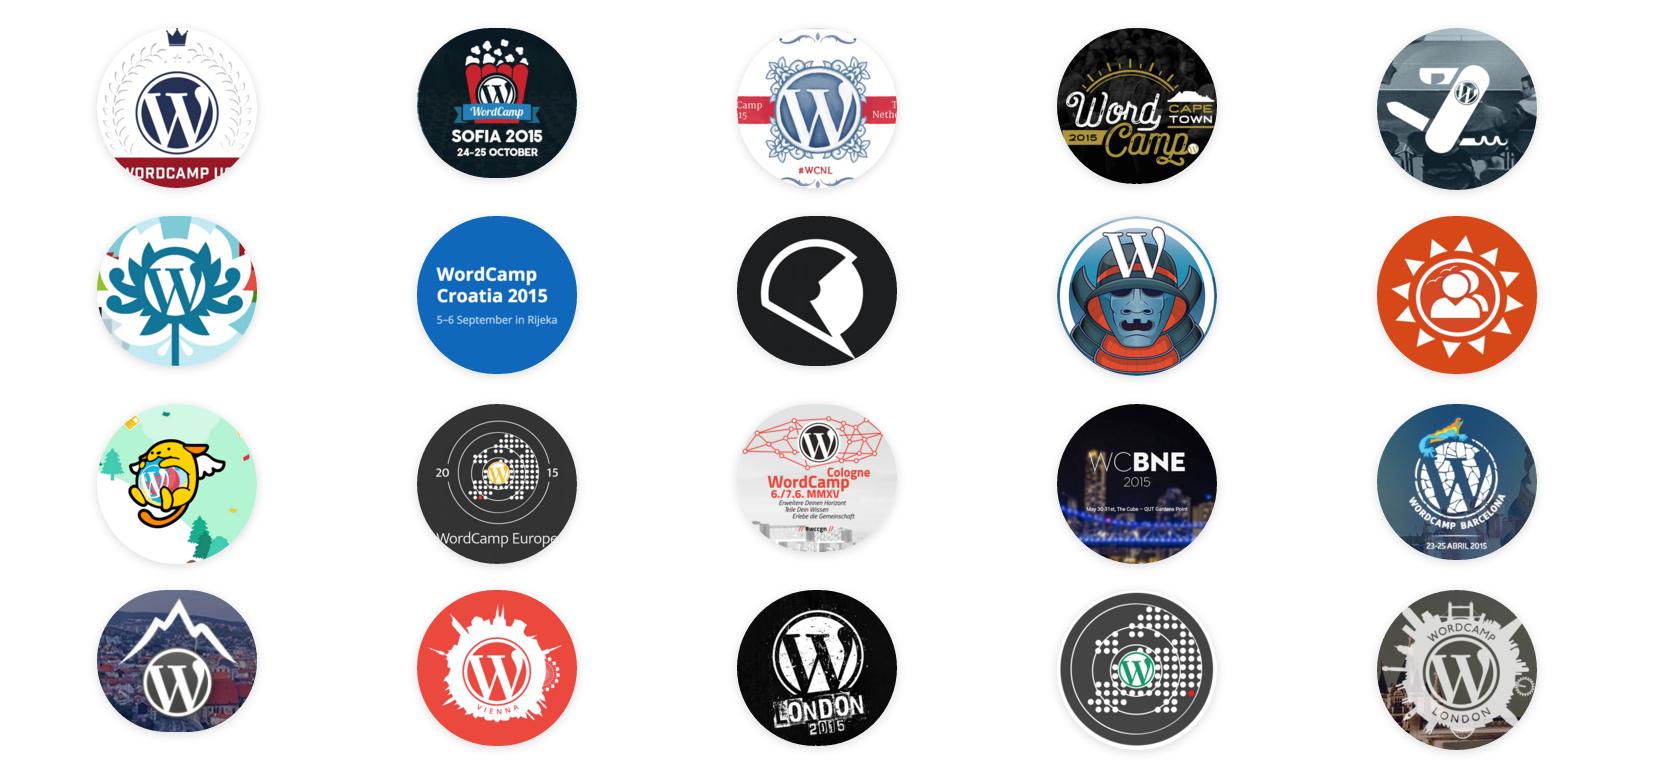 WordCamp icons 2015